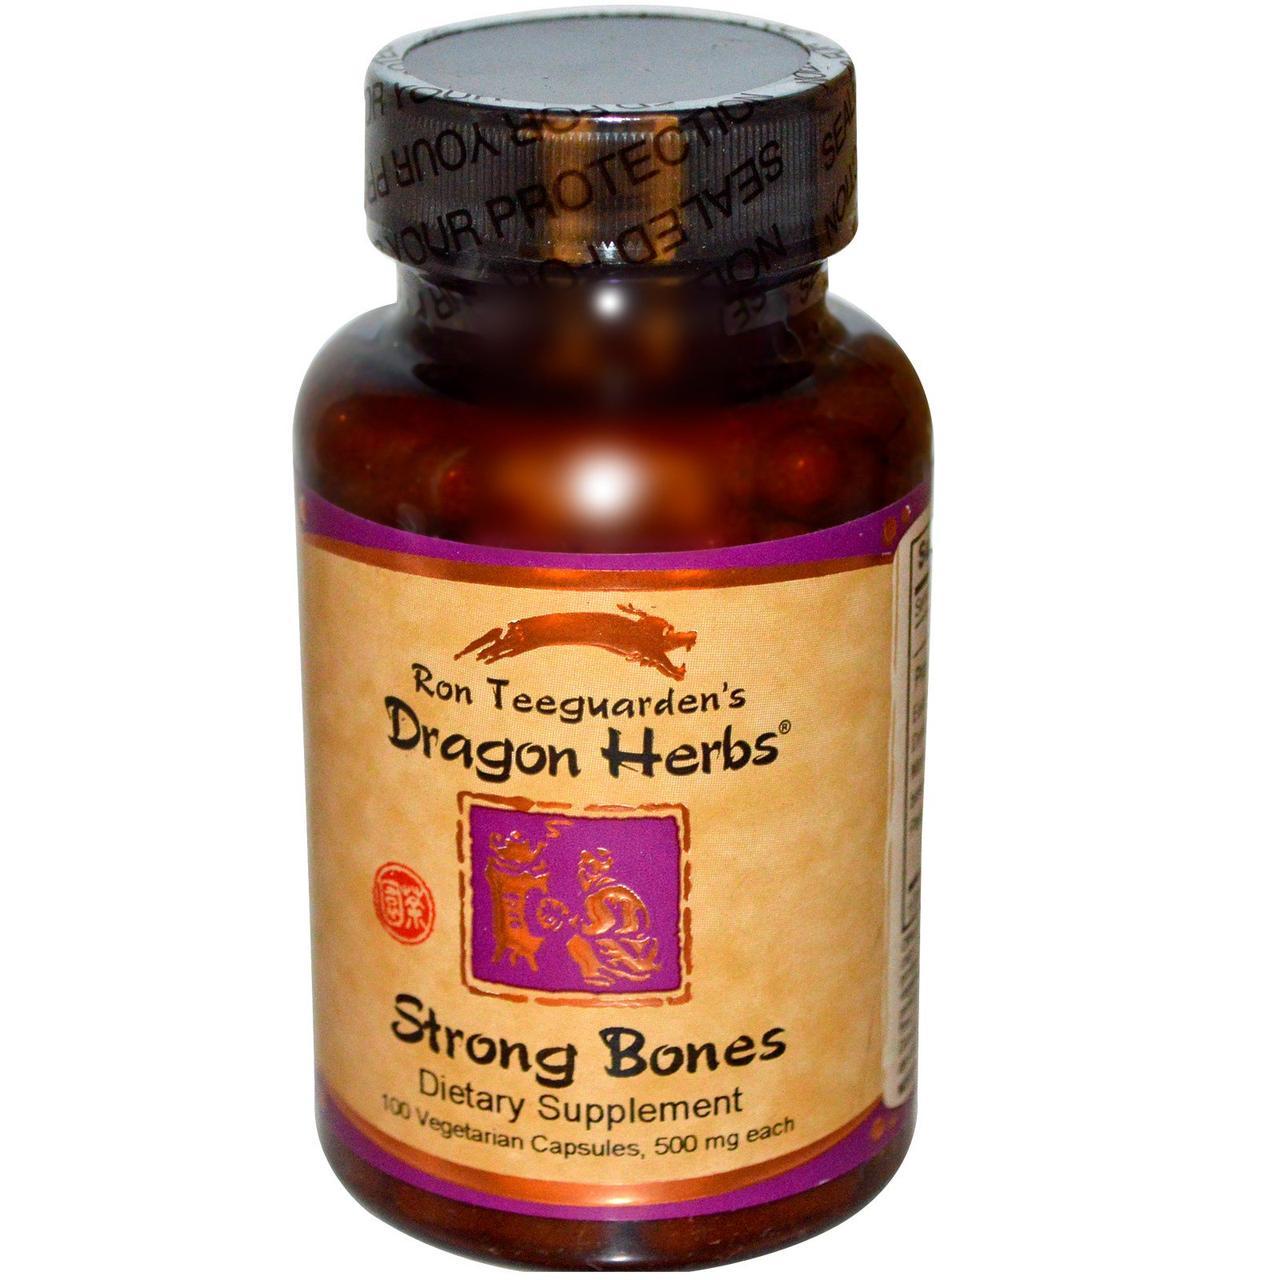 Пищевая добавка для сильных костей от Dragon Herbs, 500 мг, 100 растительных капсул